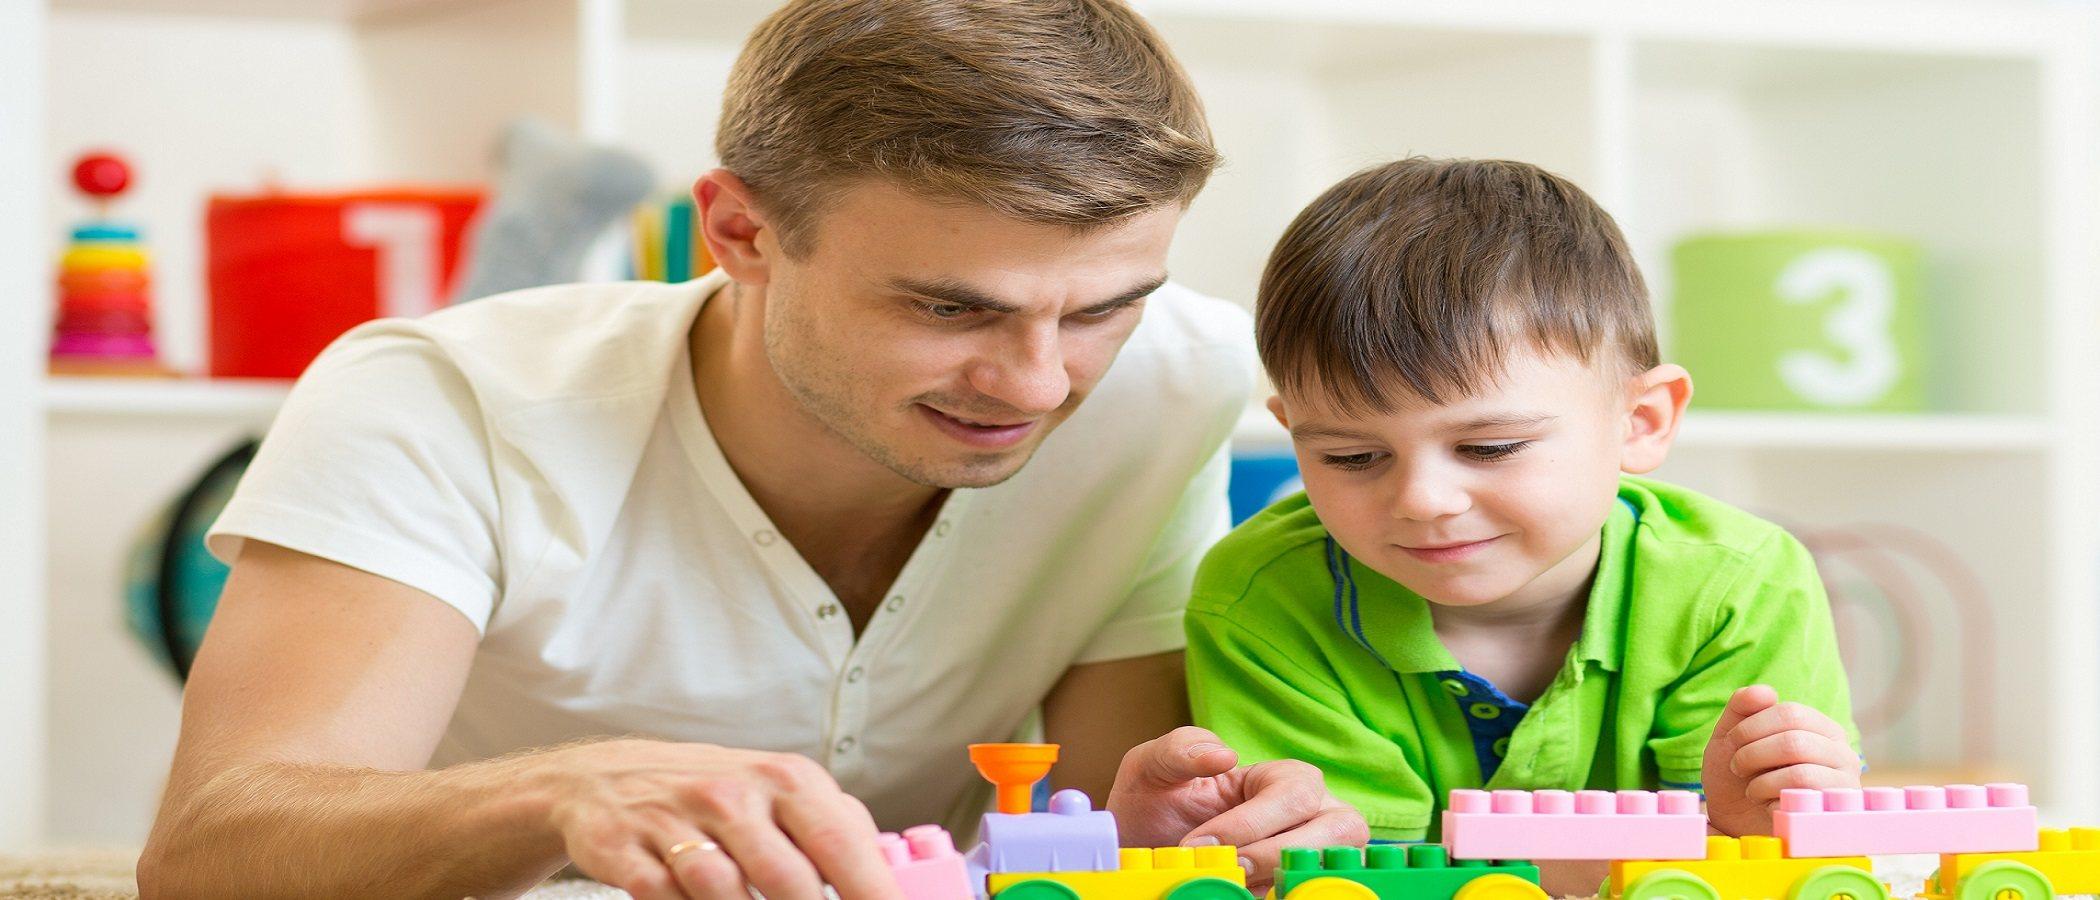 9 juegos de mesa para mejorar la concentración y la atención